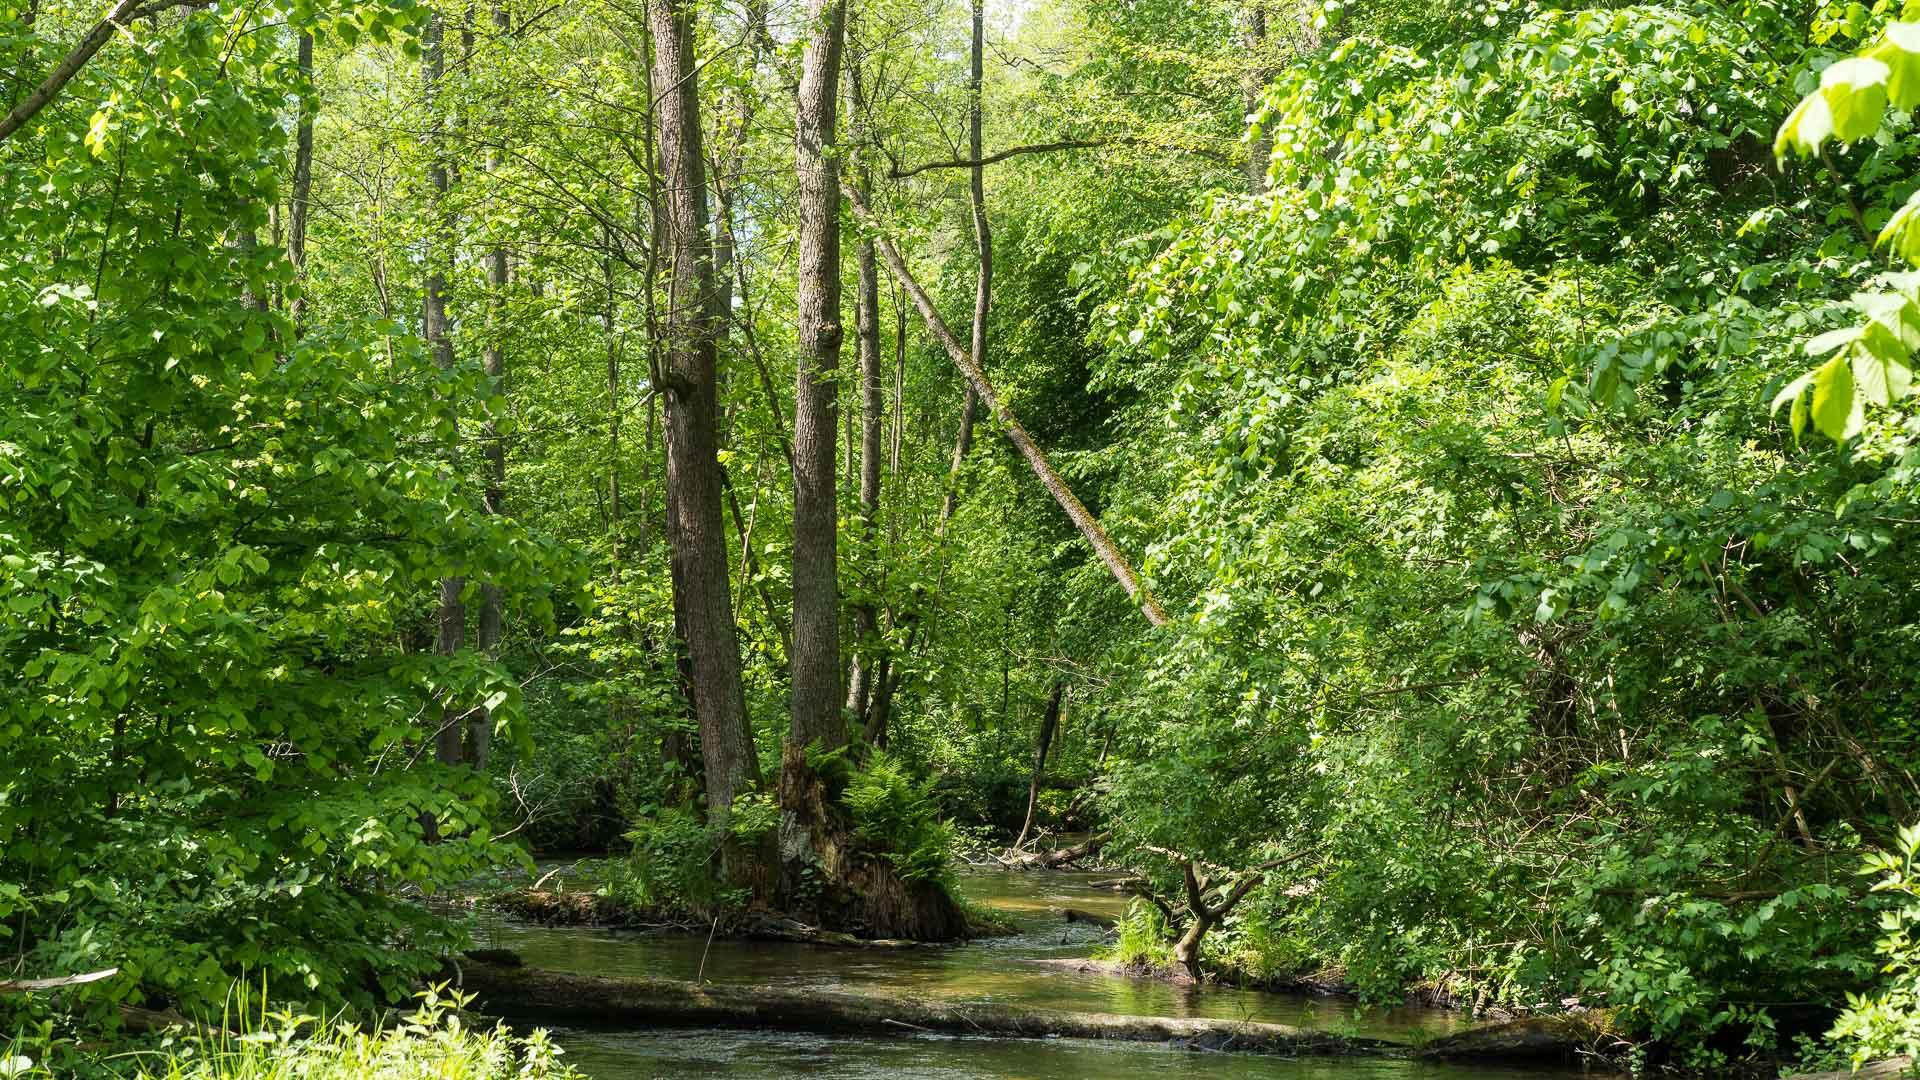 Rzeka Wel ≋ jednodniowy spływ kajakowy, trasa, relacja ≋